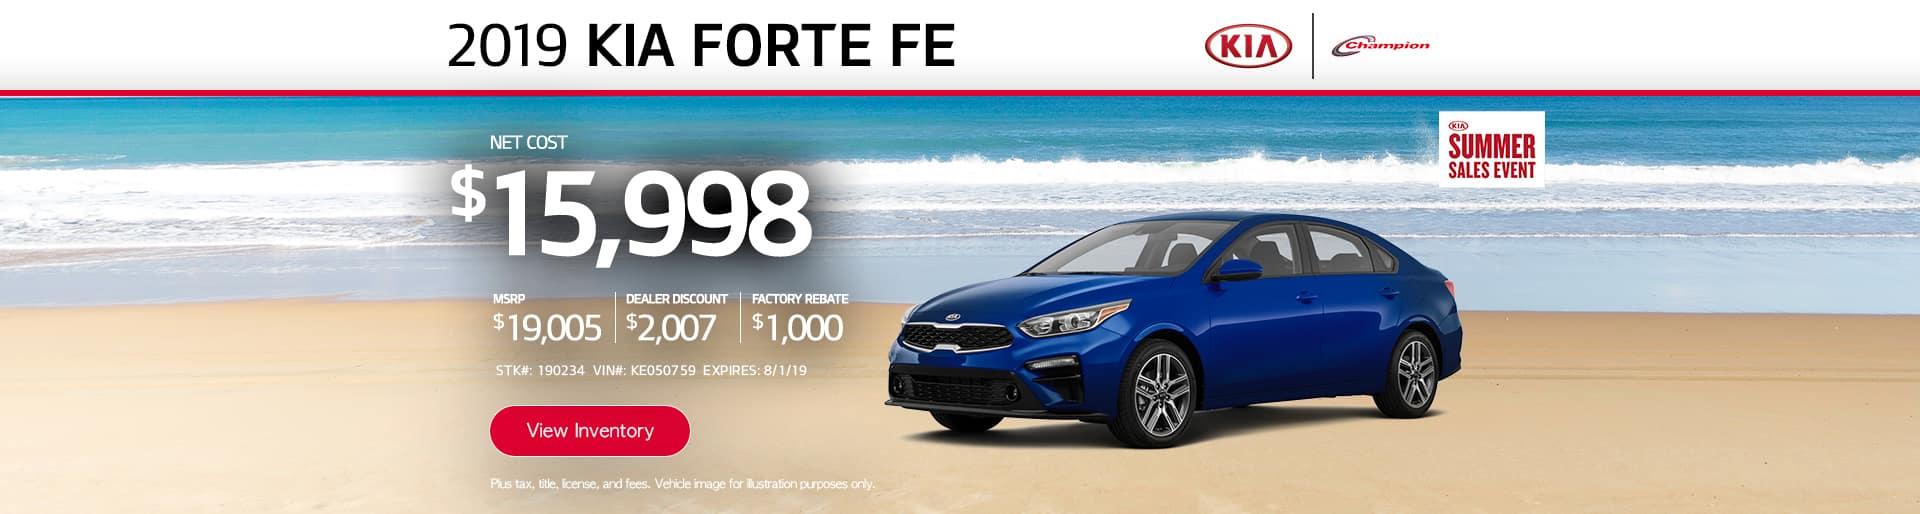 desktop TK 2019 Kia Forte FE